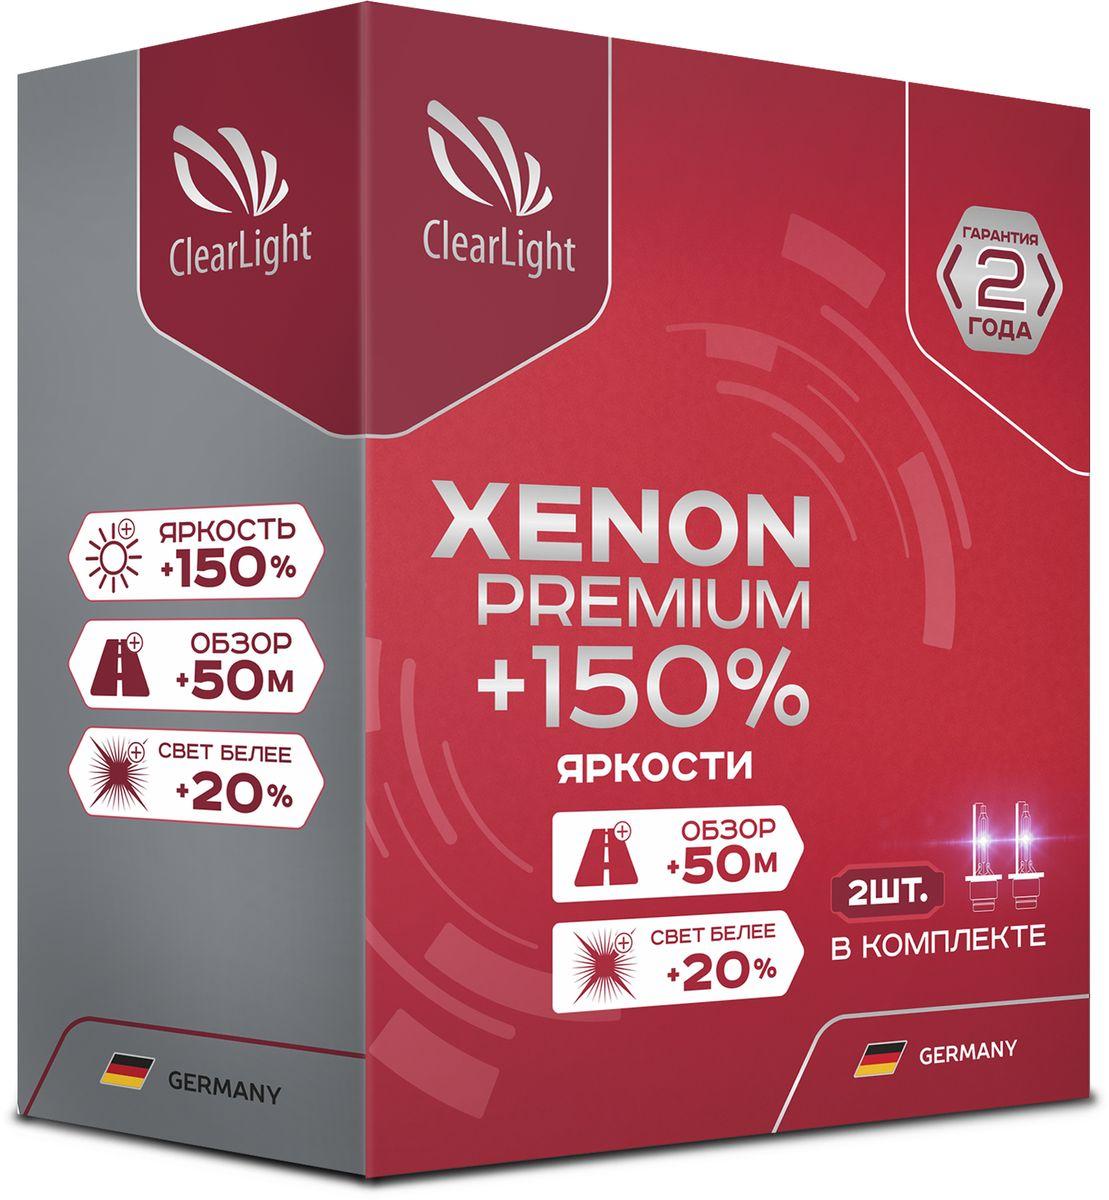 Лампа автомобильная ксеноновая Clearlight Xenon Premium+150%, цоколь H11, 5000 К, 35 Вт, 2 шт lamp xenon h11 5000 k 2 pcs plug ket